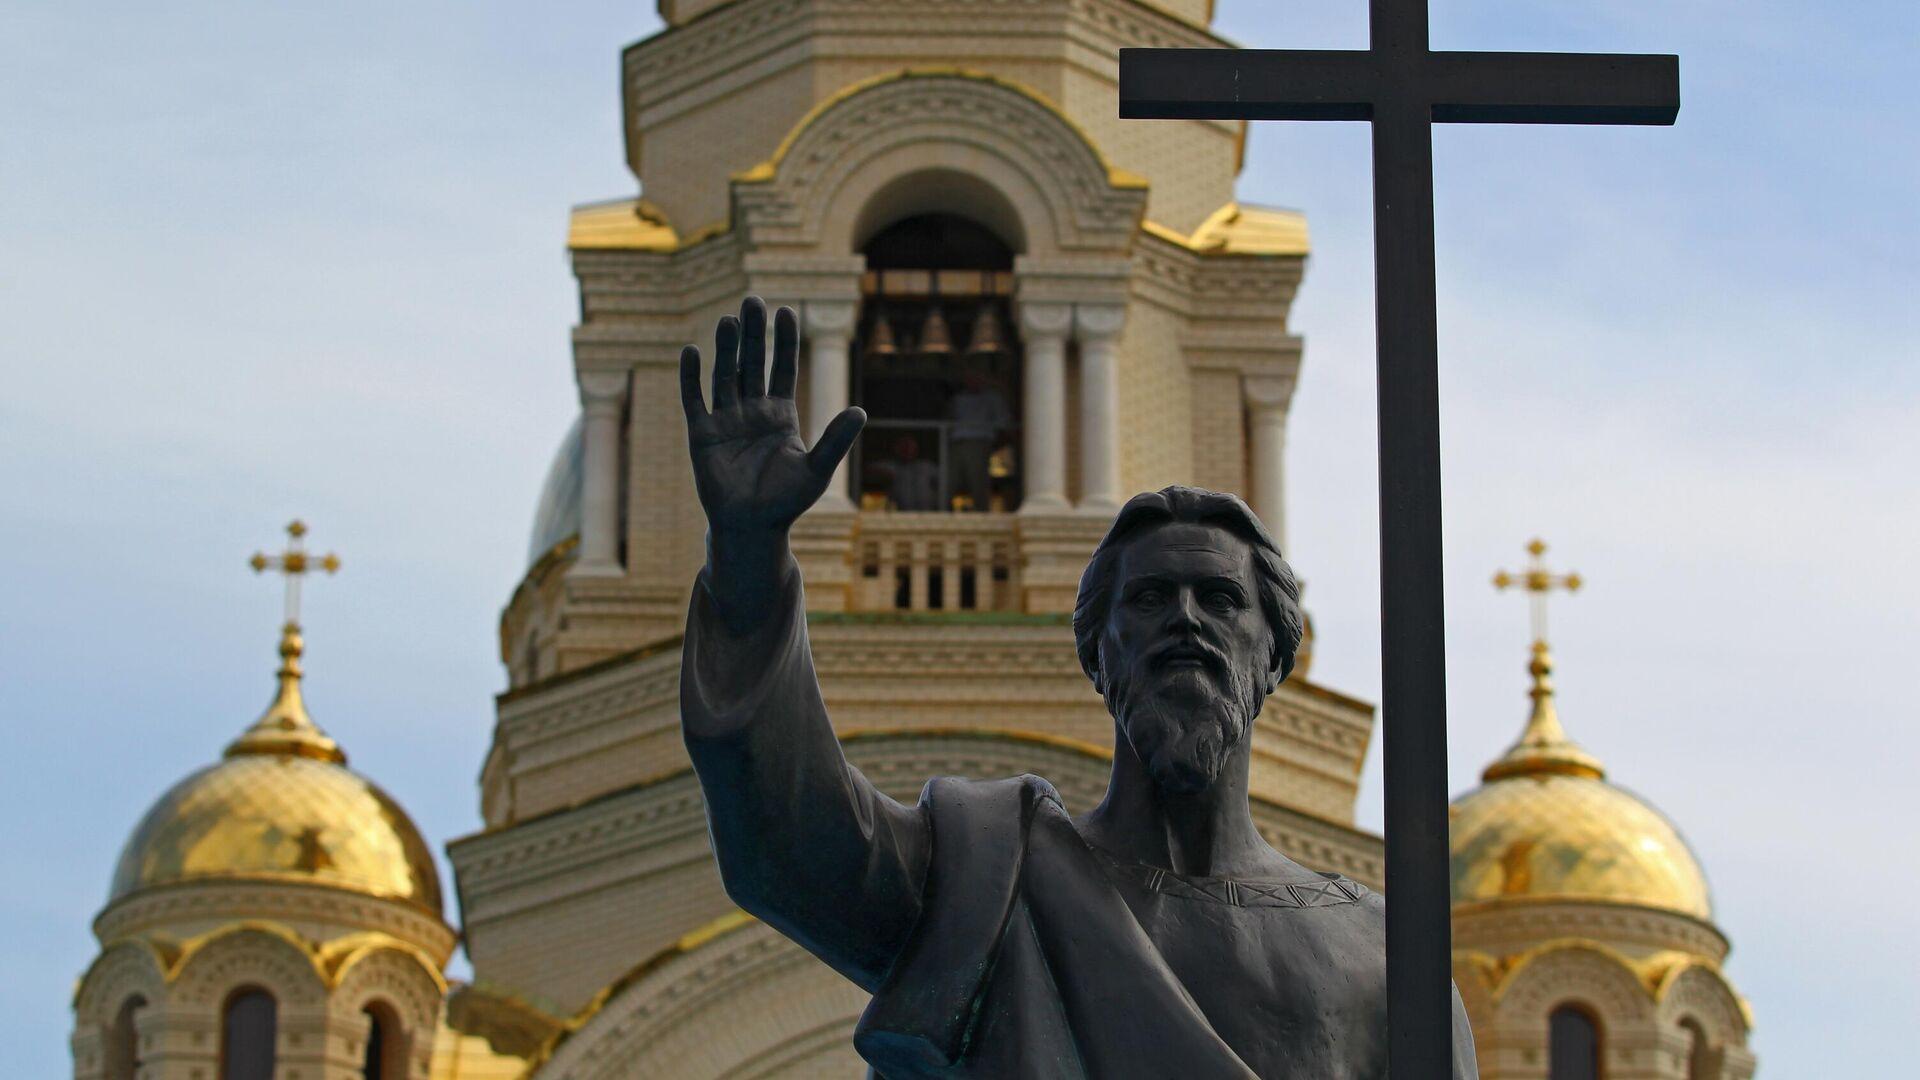 Памятник Святому Апостолу Андрею Первозванному - РИА Новости, 1920, 11.09.2020